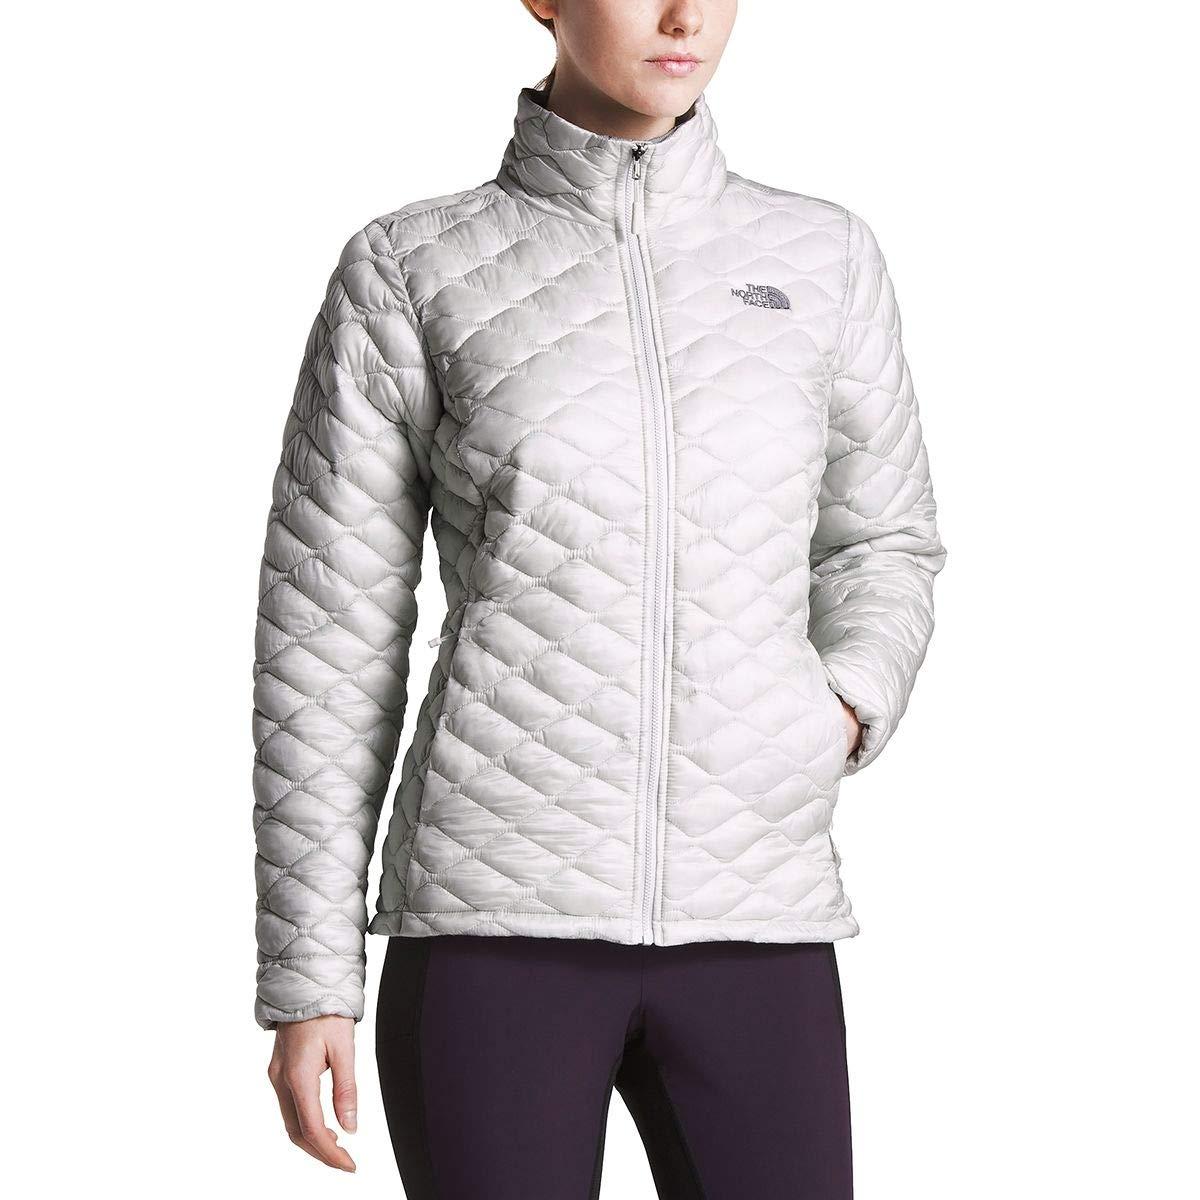 (ザノースフェイス) The North Face ThermoBall Insulated Jacket レディース ジャケットTin Grey [並行輸入品]   B07H58DTCZ